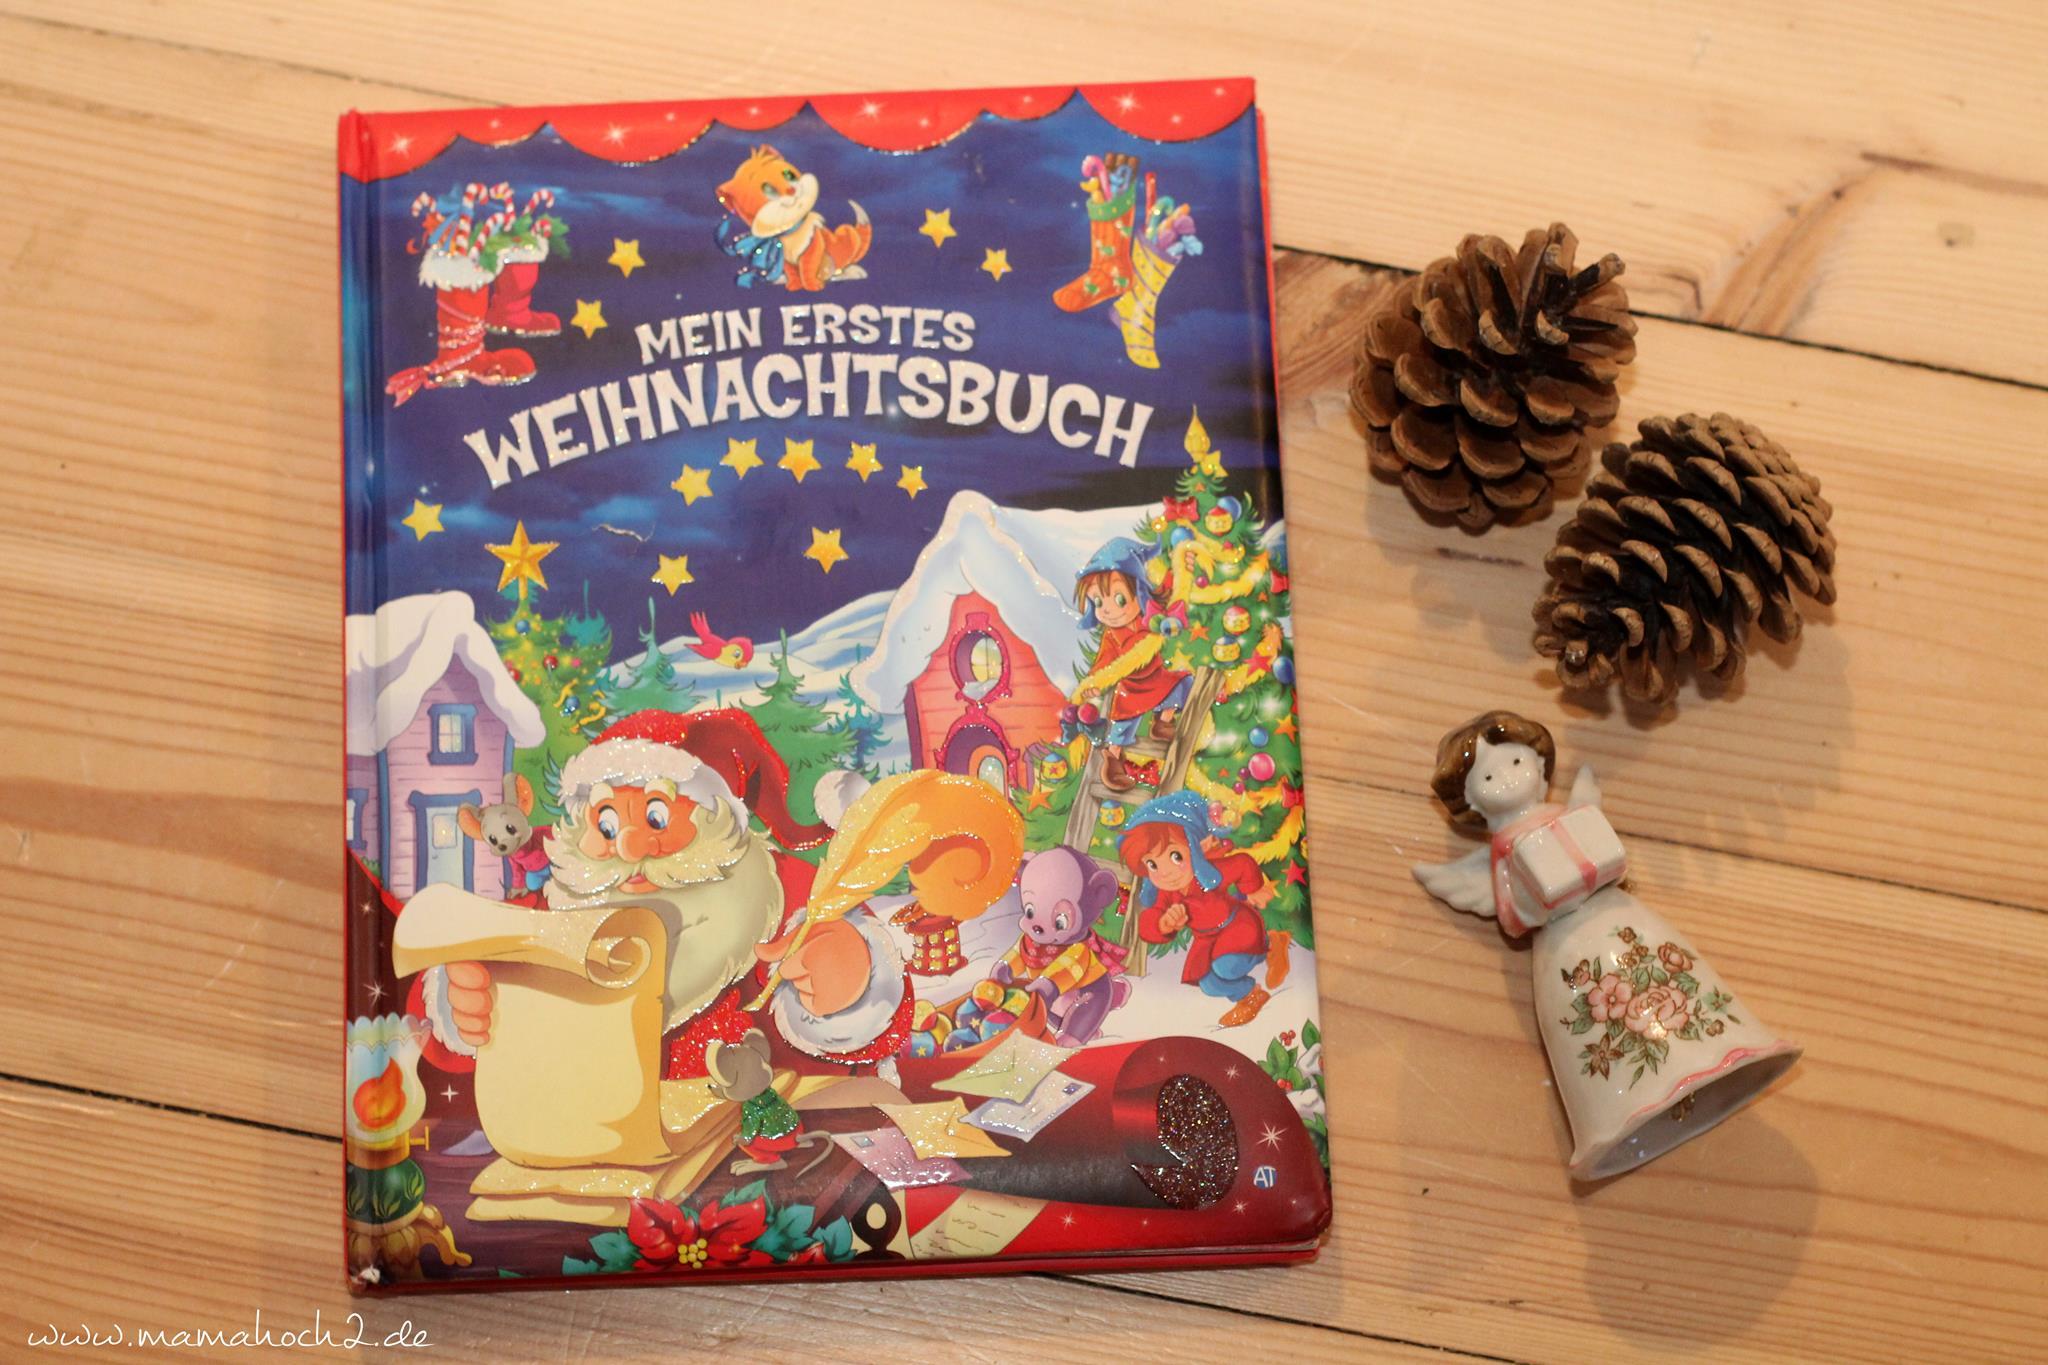 Weihnachtsbücher weihnachten bücher (3)